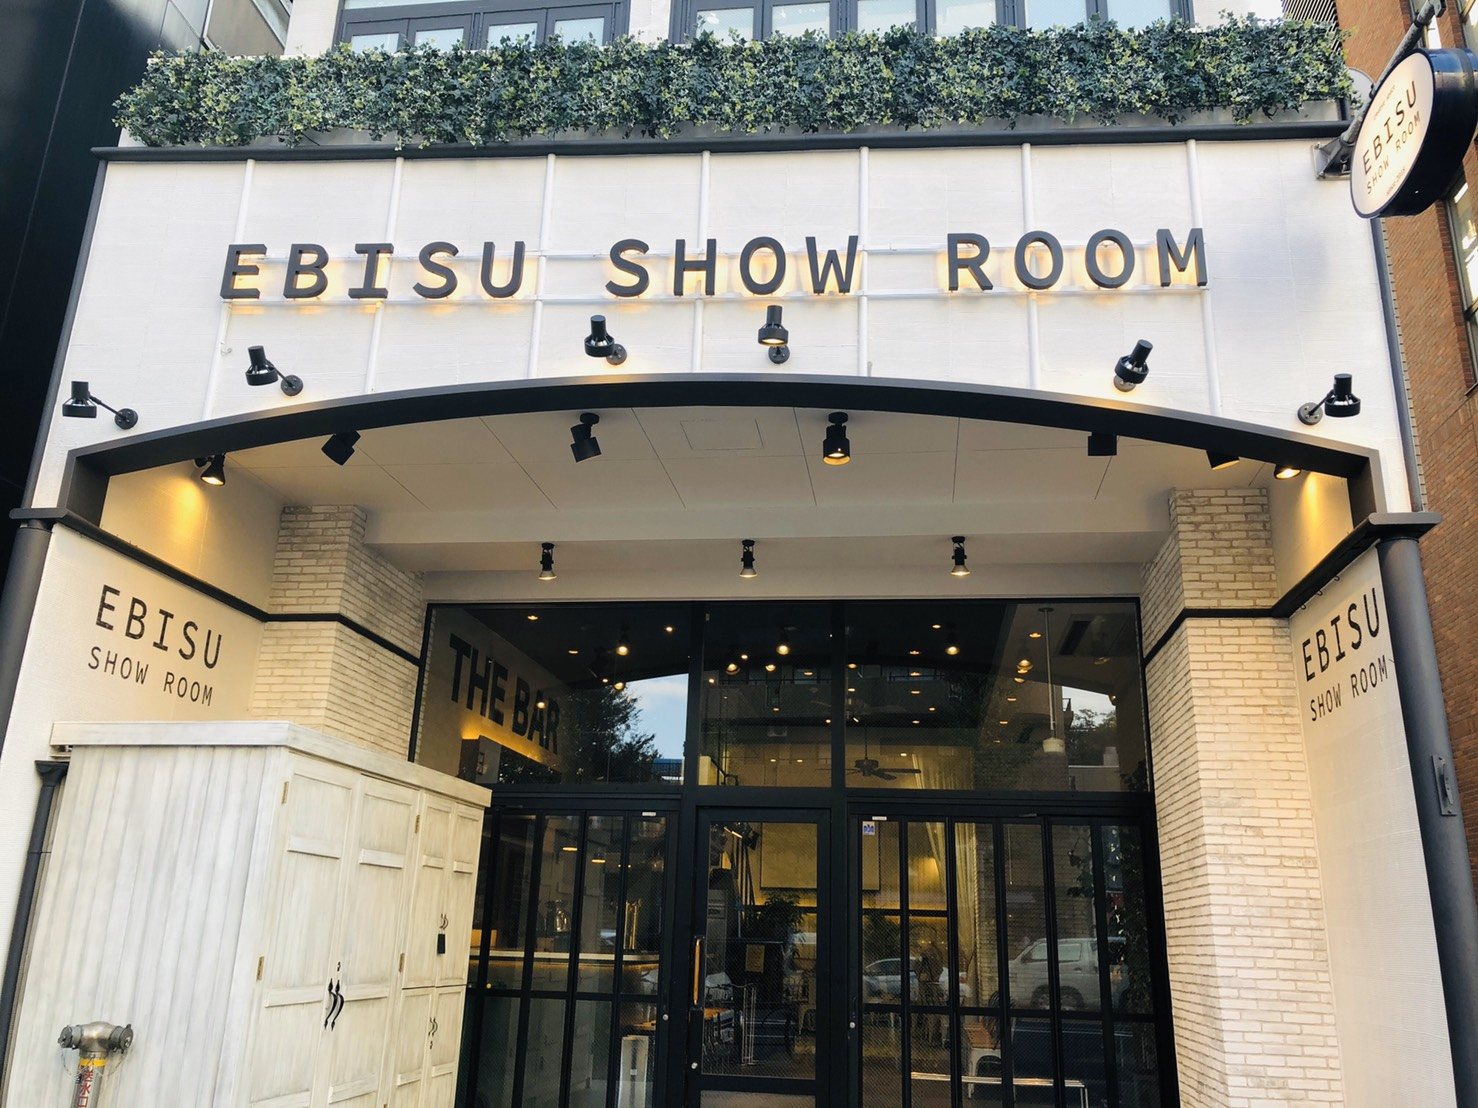 【ご利用事例】★新商品発表会でご利用いただきました★@EBISU SHOW ROOM|TIME SHARING|タイムシェアリング |スペースマネジメント|あどばる|adval|SHARING